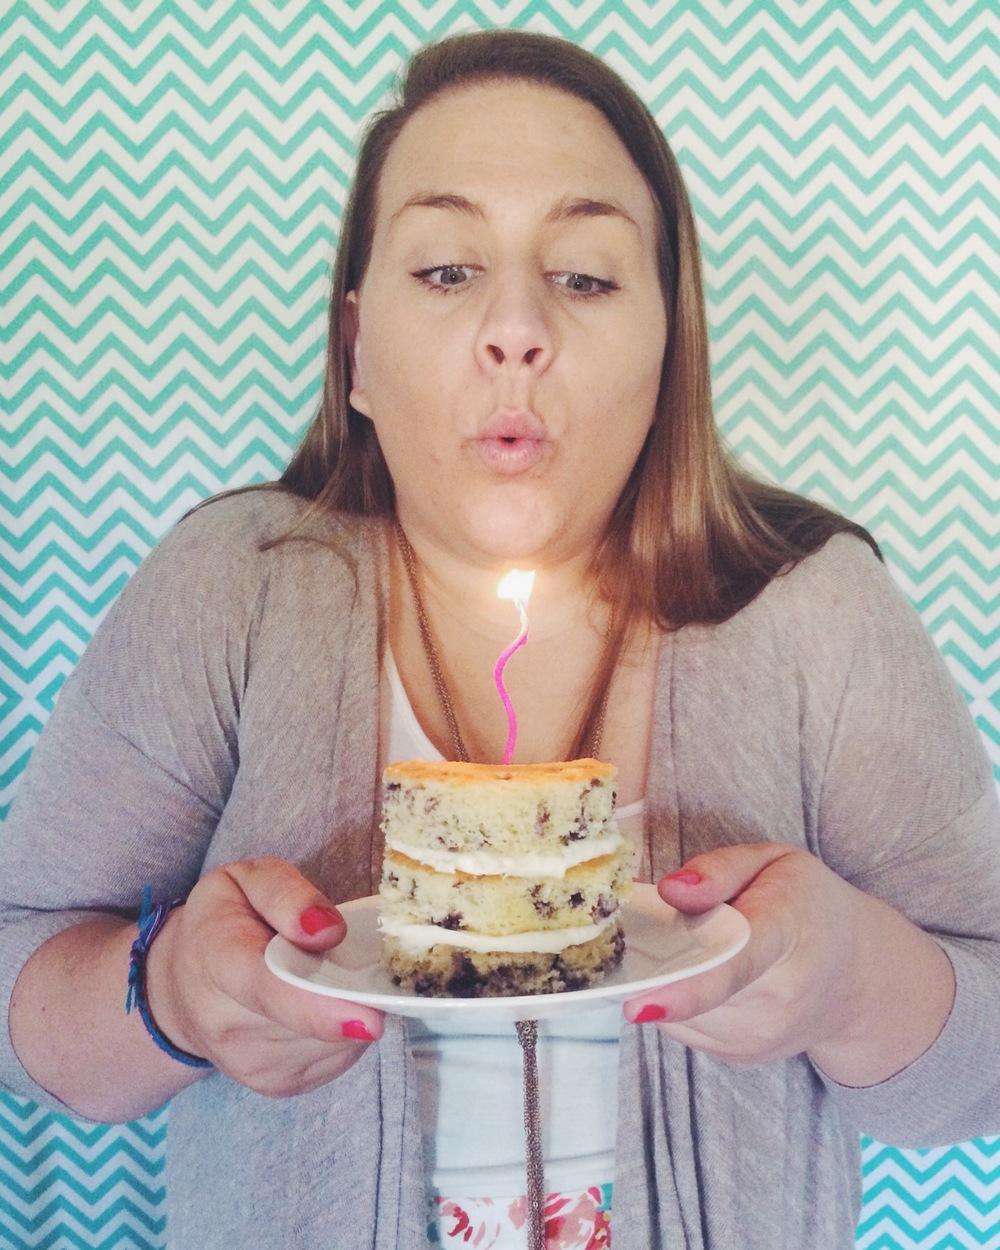 BirthdayBrunch_MyOnlySunshineBlog_Cake